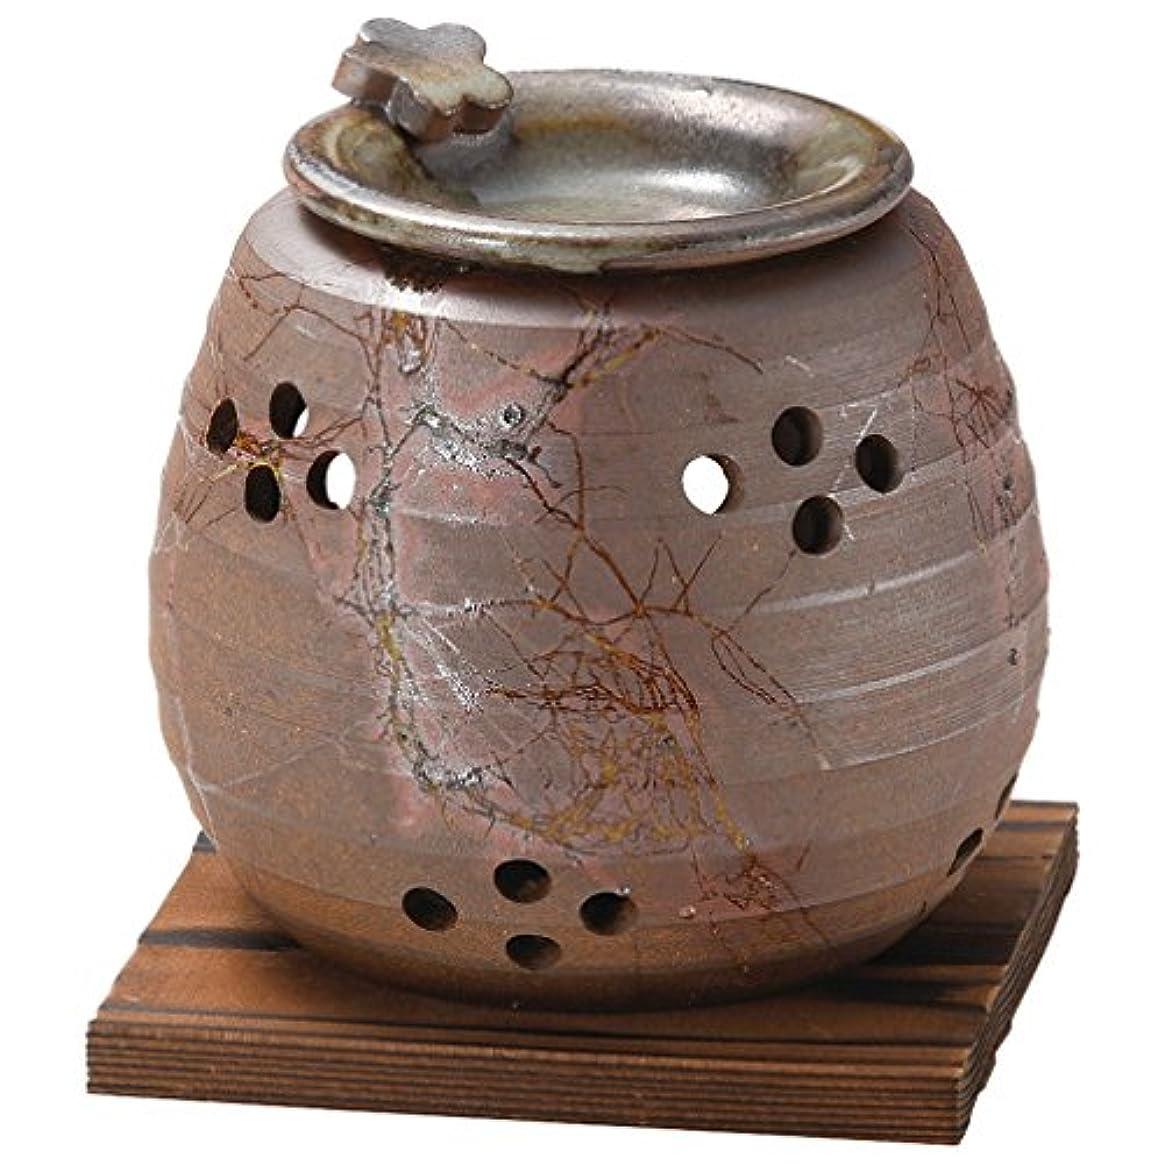 に向けて出発取得するロータリー山下工芸 常滑焼 石龍焼〆藻掛茶香炉 12.5×11×11cm 13045730